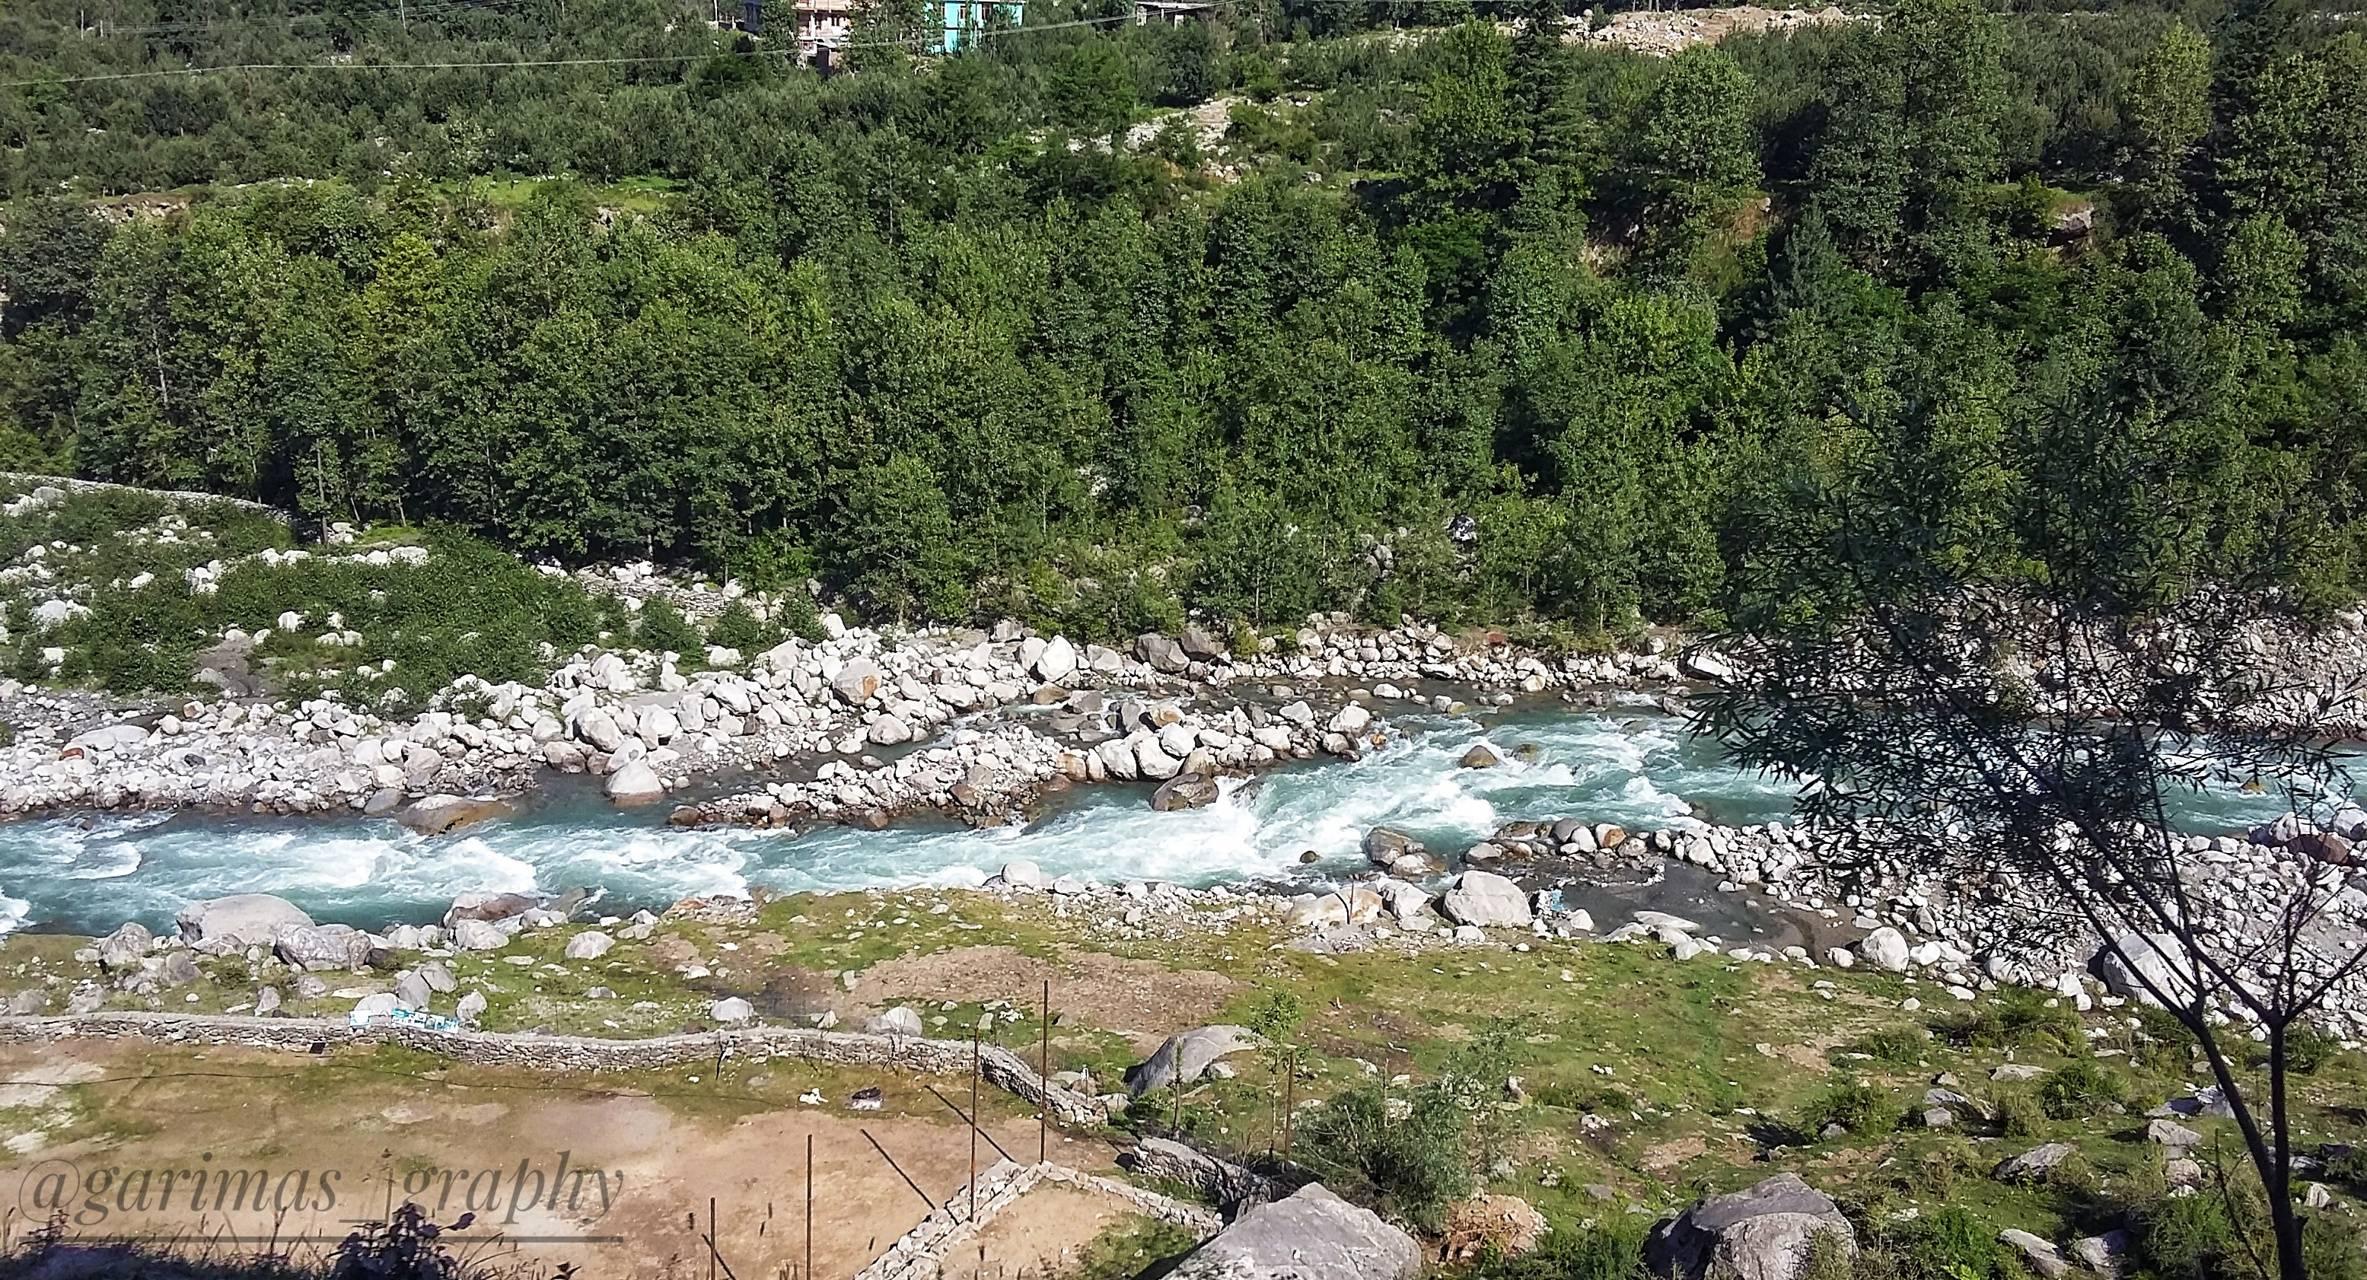 Manali river view